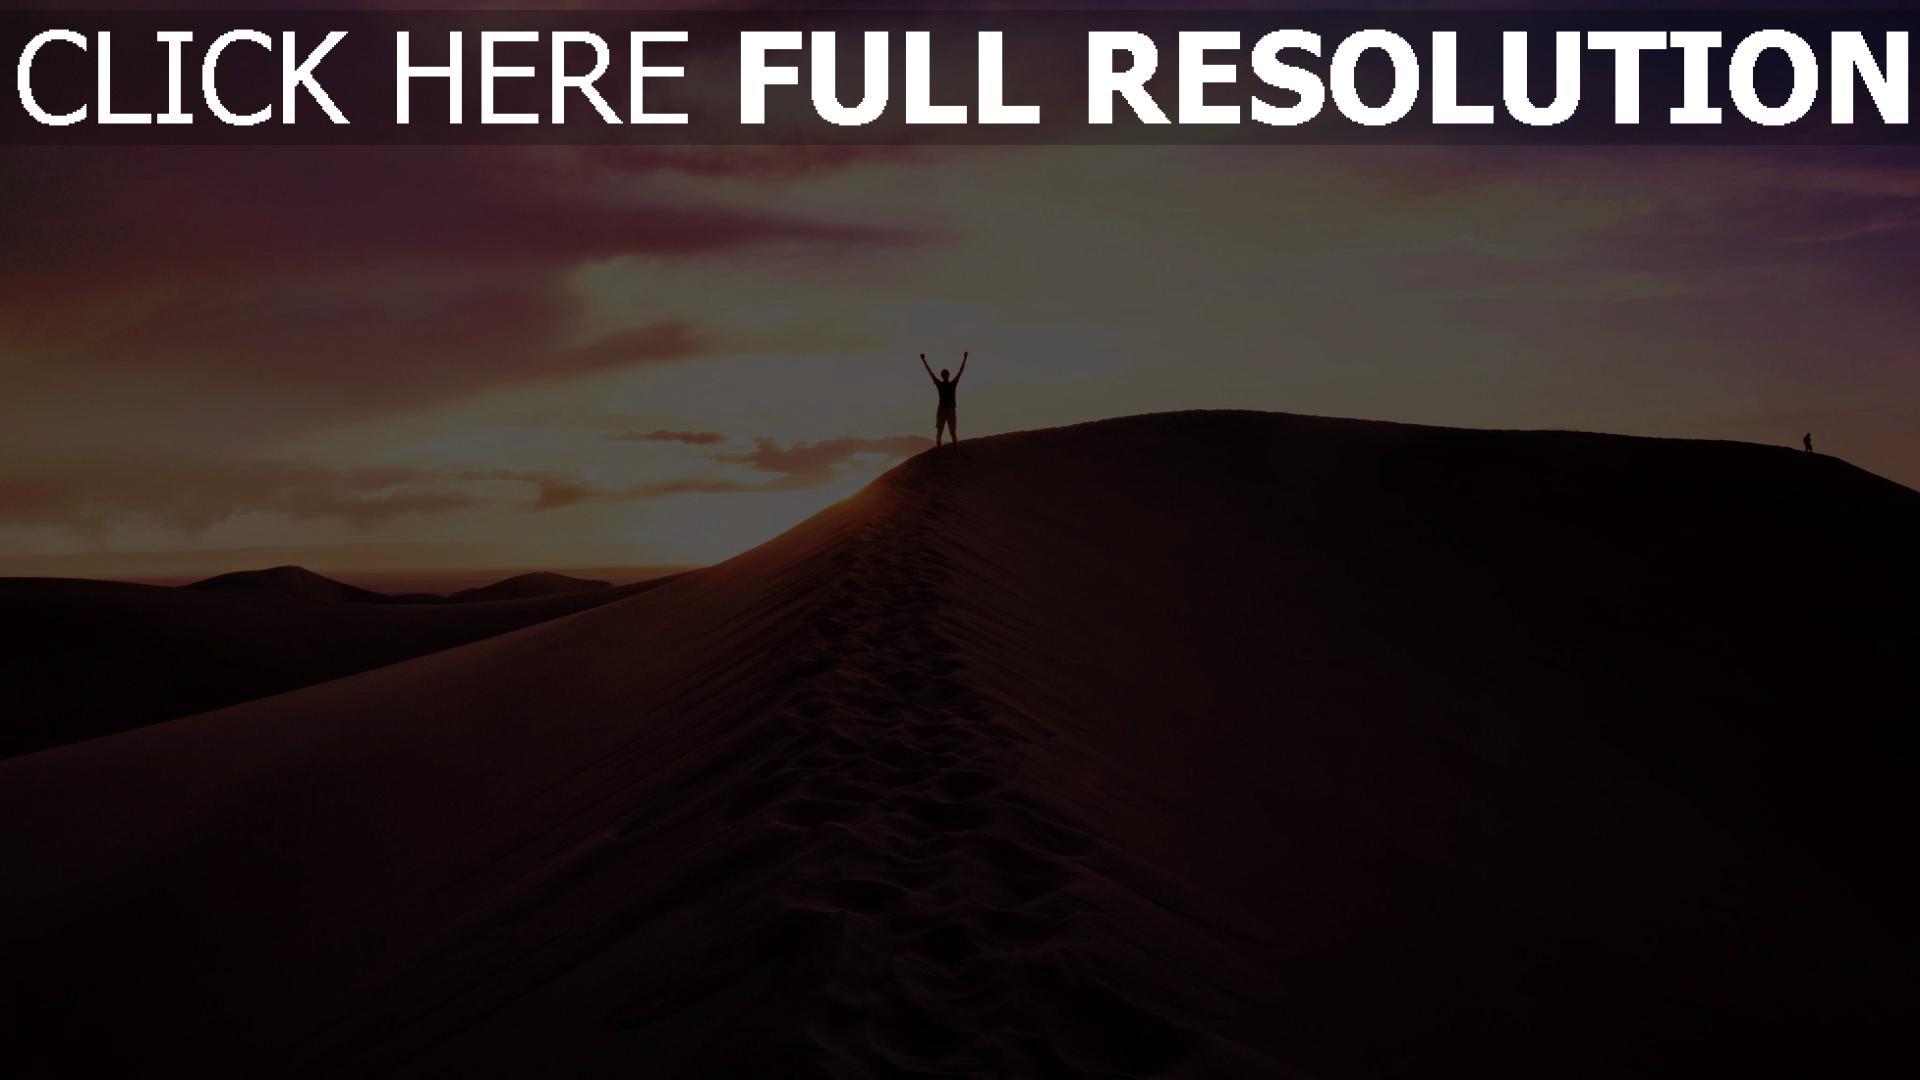 hd hintergrundbilder himmel abend sand wüste mann 1920x1080